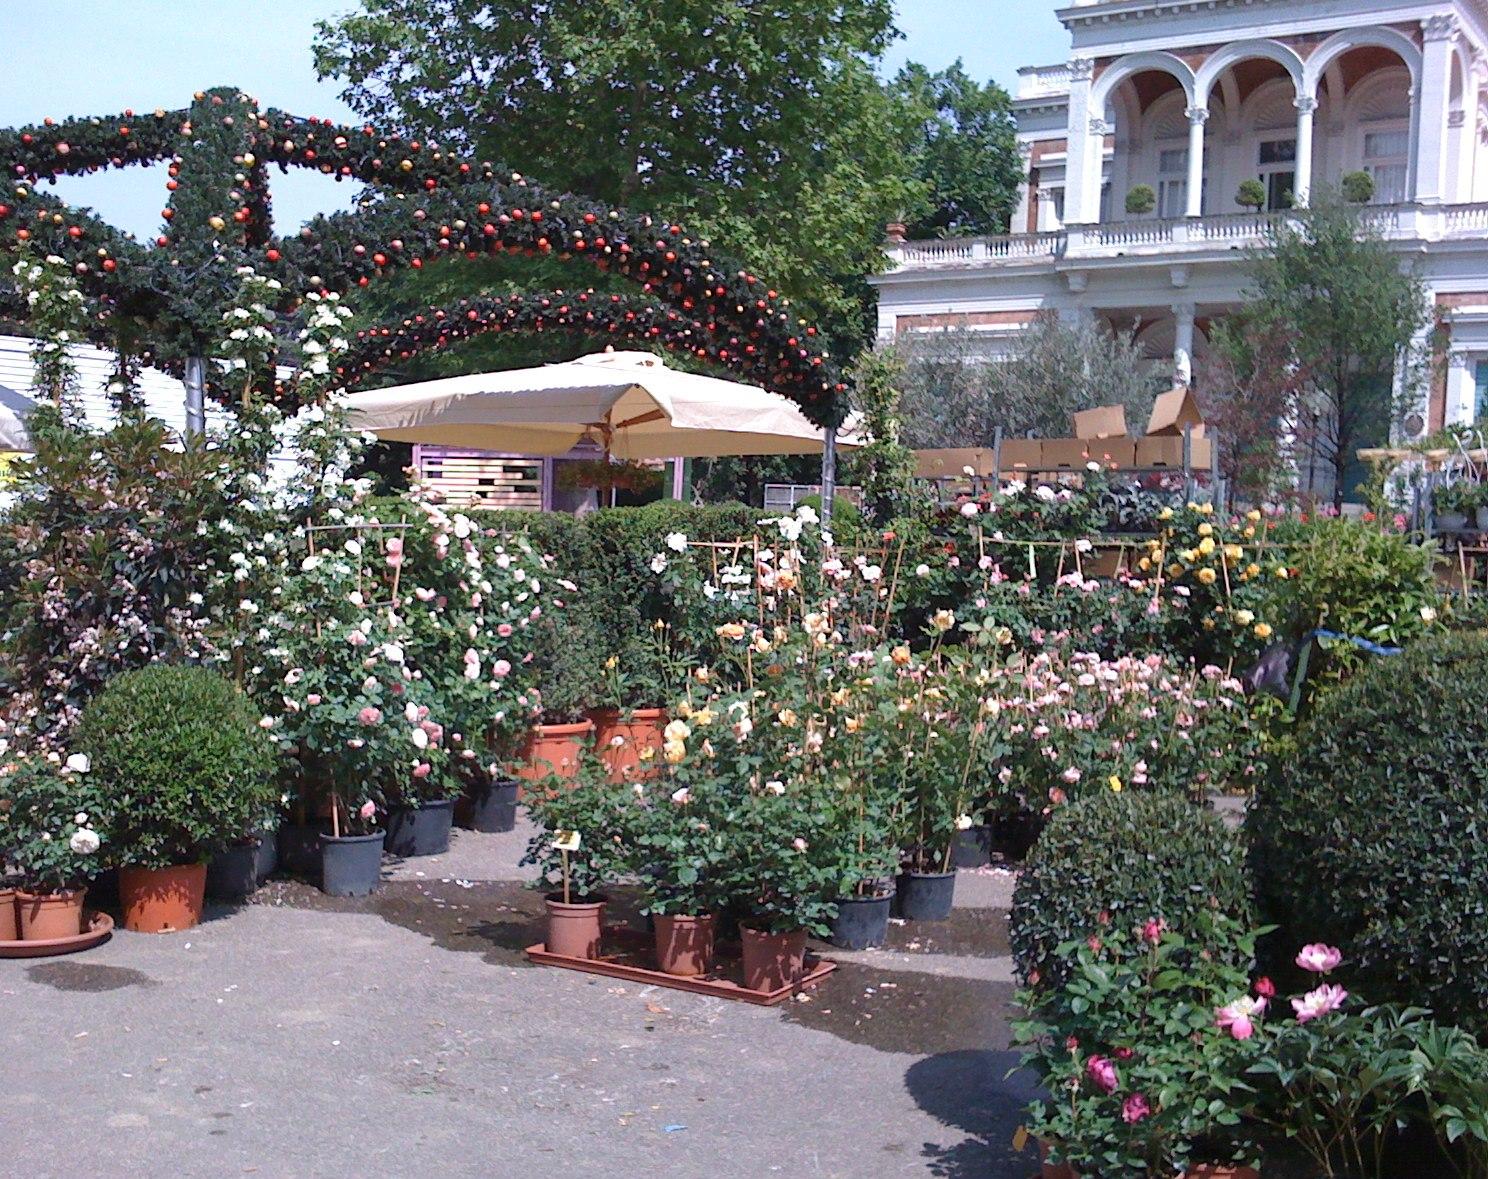 Mostra Mercato Piante,fiori ed arredi, artigianato, wellness ...